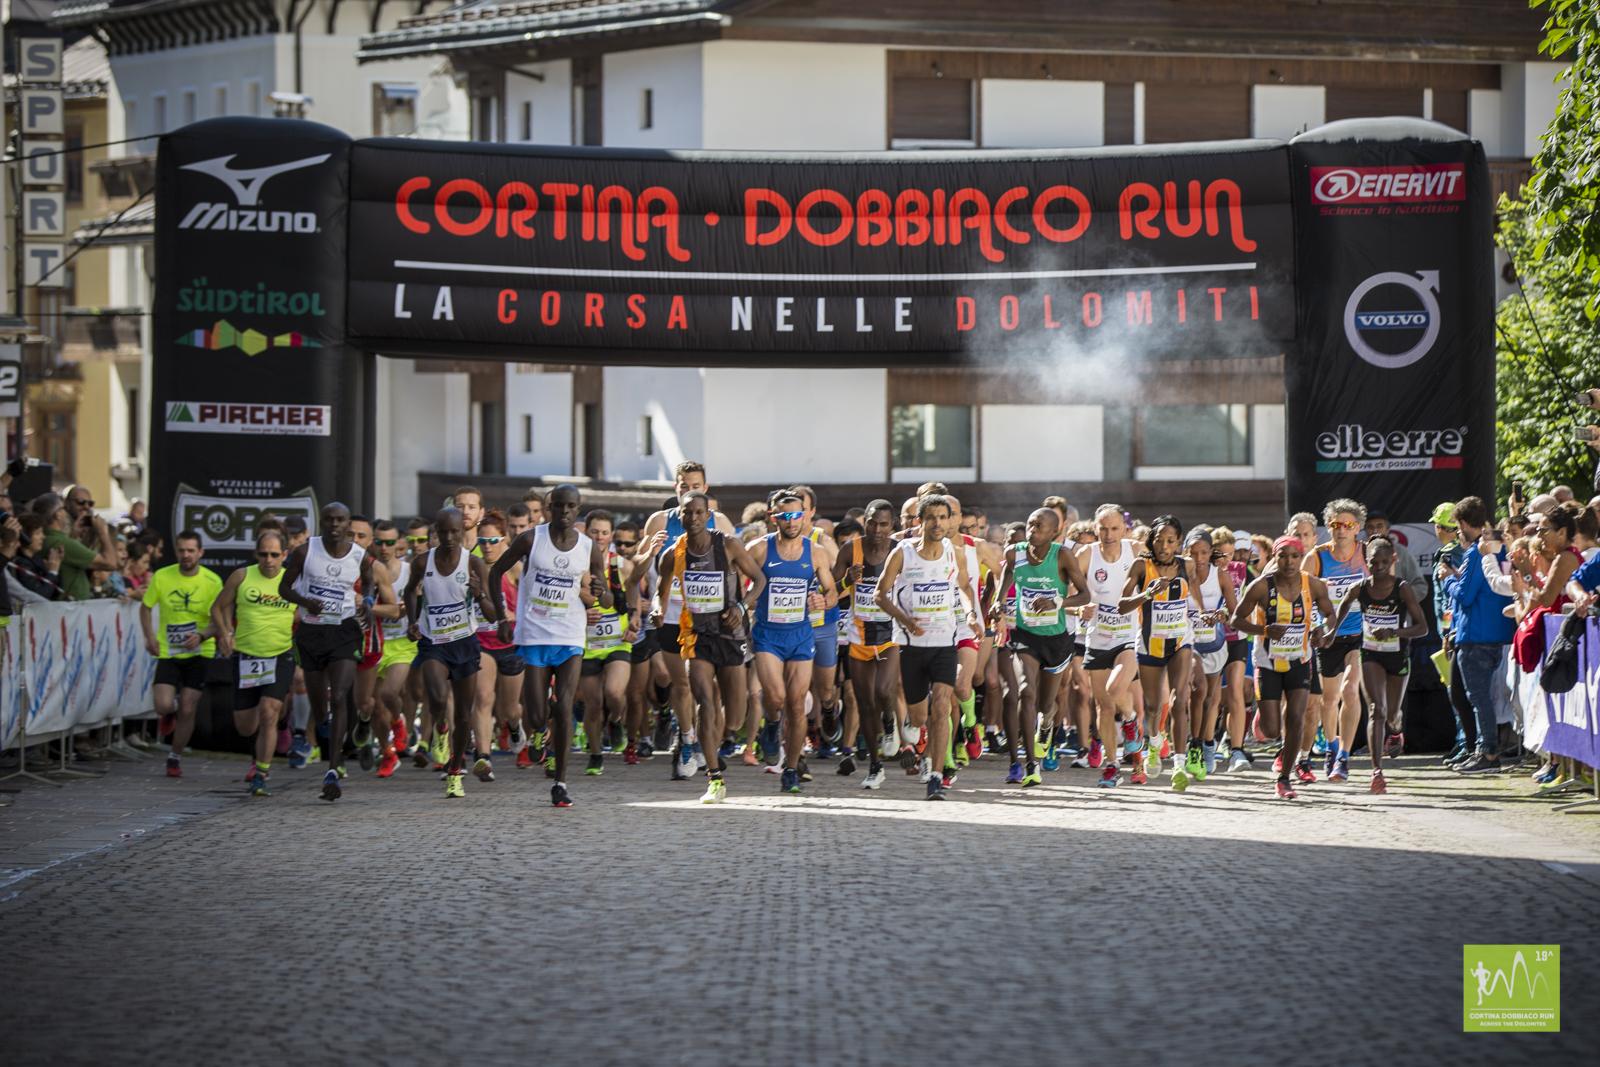 Cortina Dobbiaco Run 2018